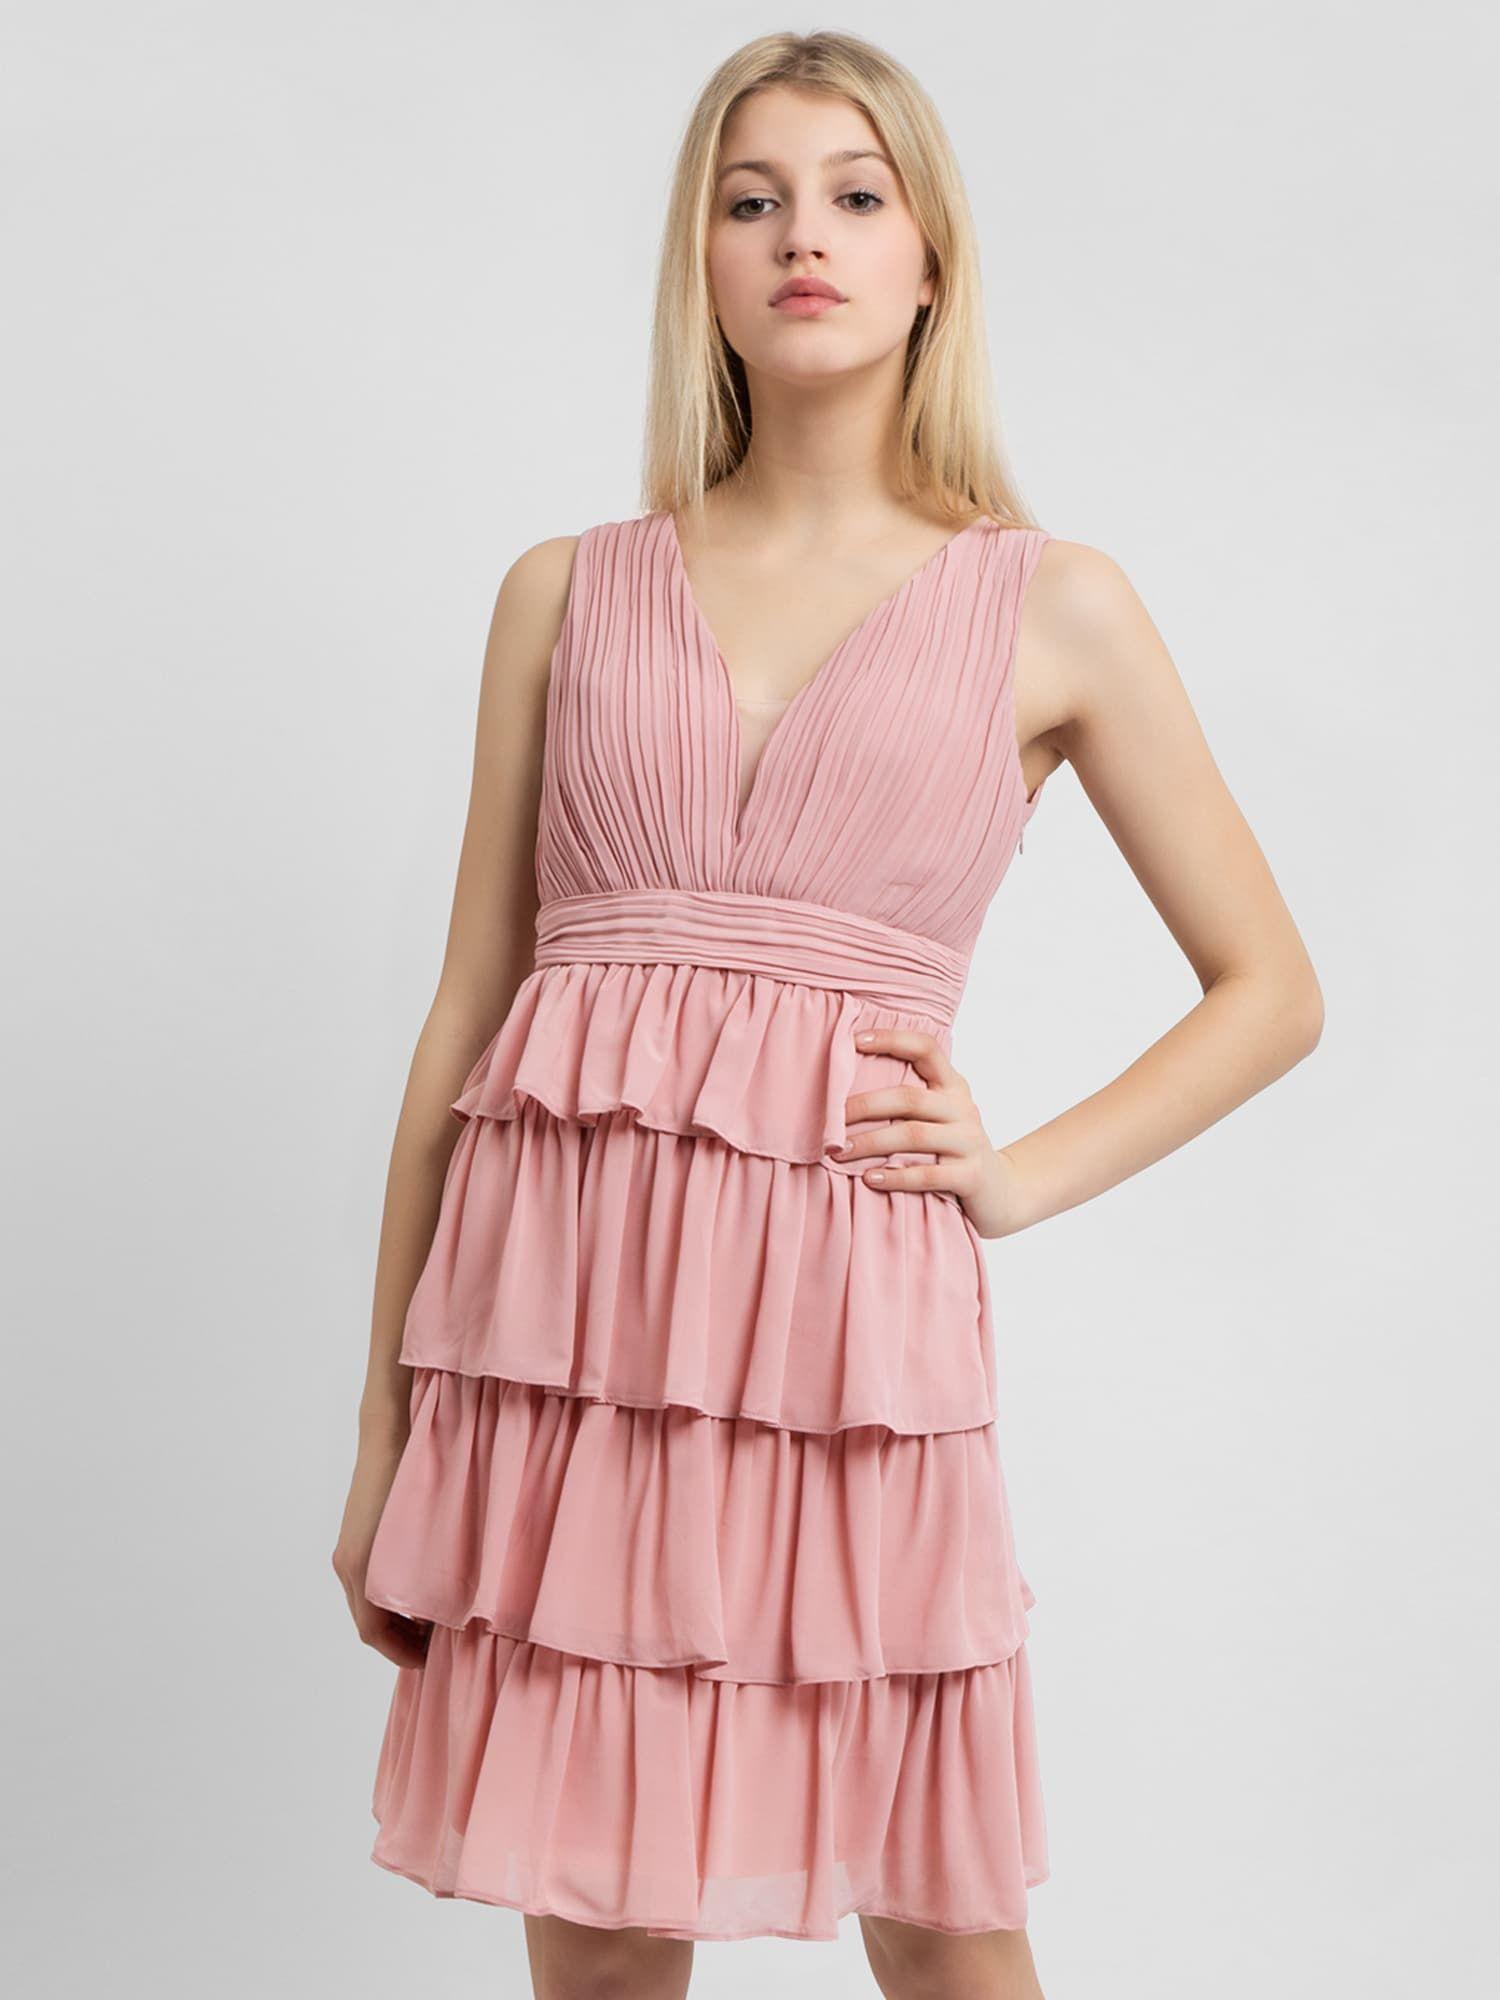 APART Abendkleid Damen, Rosa, Größe 16  Abendkleid, Kleider, Modestil